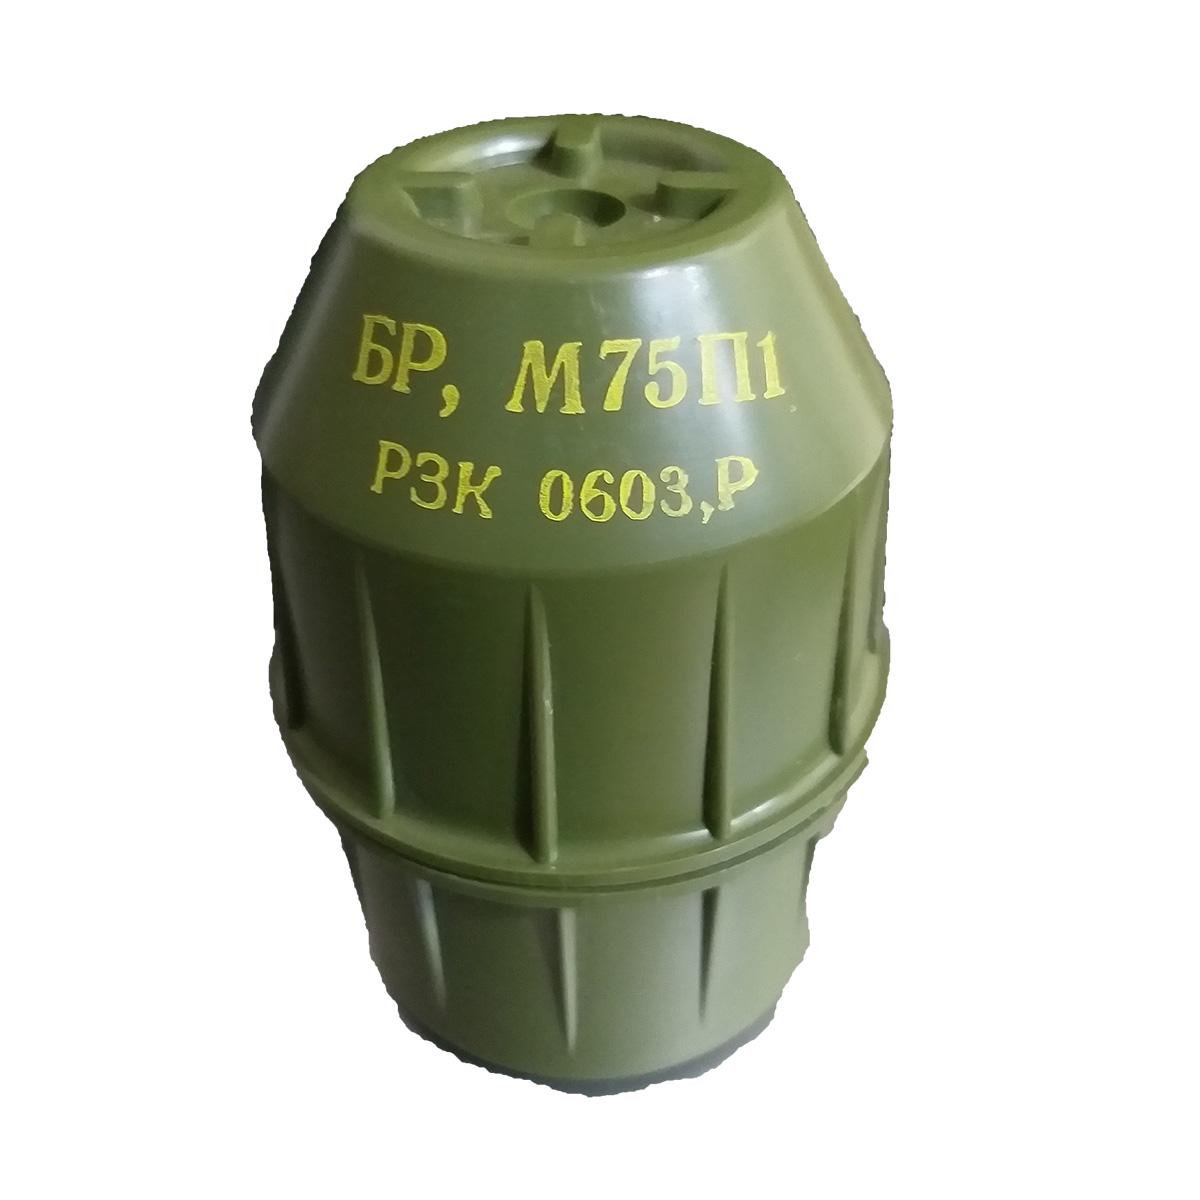 Kutija za ručnu bombu RB M75